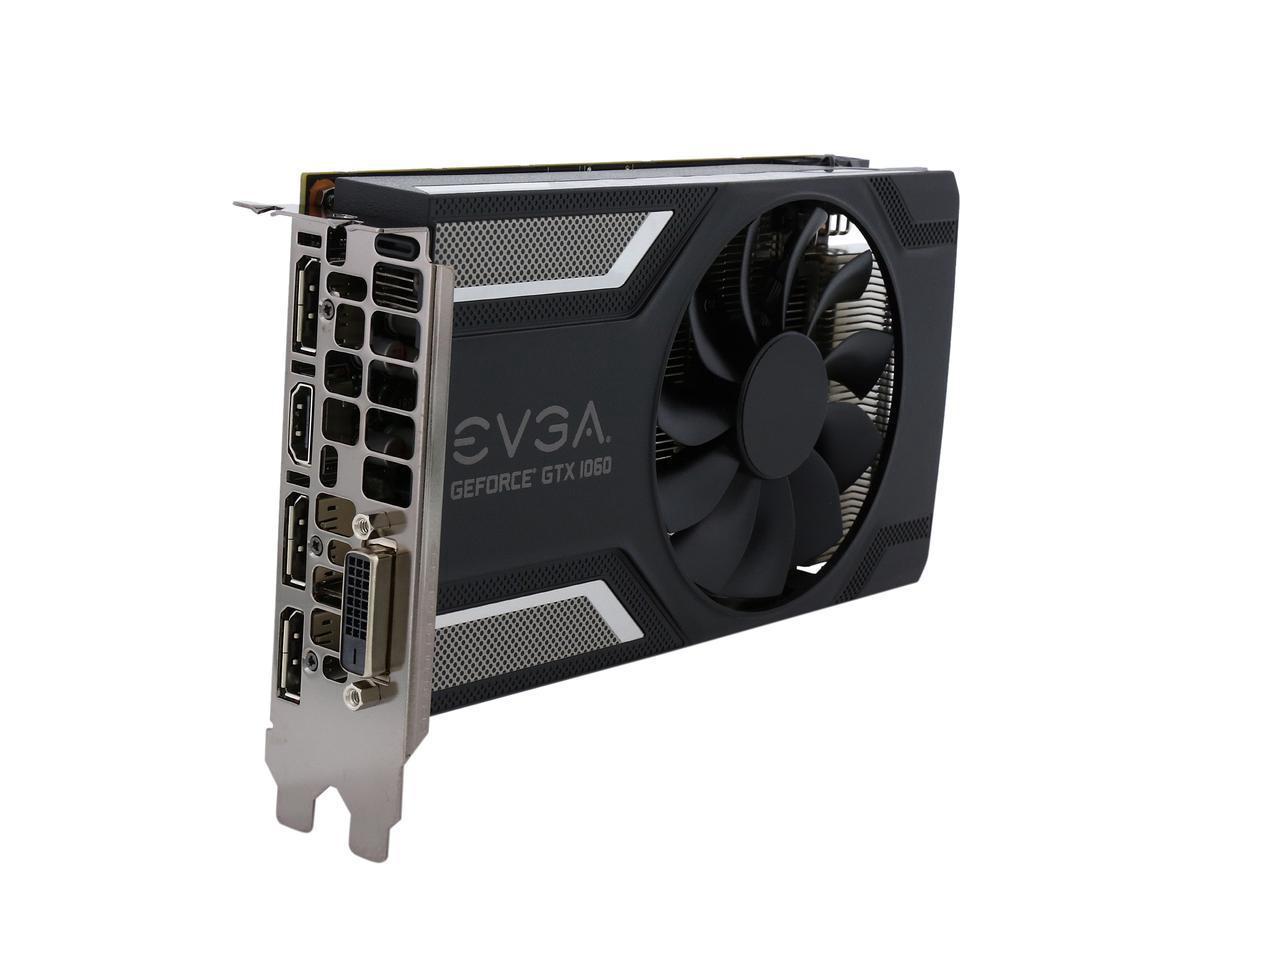 EVGA GeForce GTX 1060 SC GAMING, 06G-P4-6163-KR, 6GB GDDR5, ACX 2.0 (Single Fan) $289.99